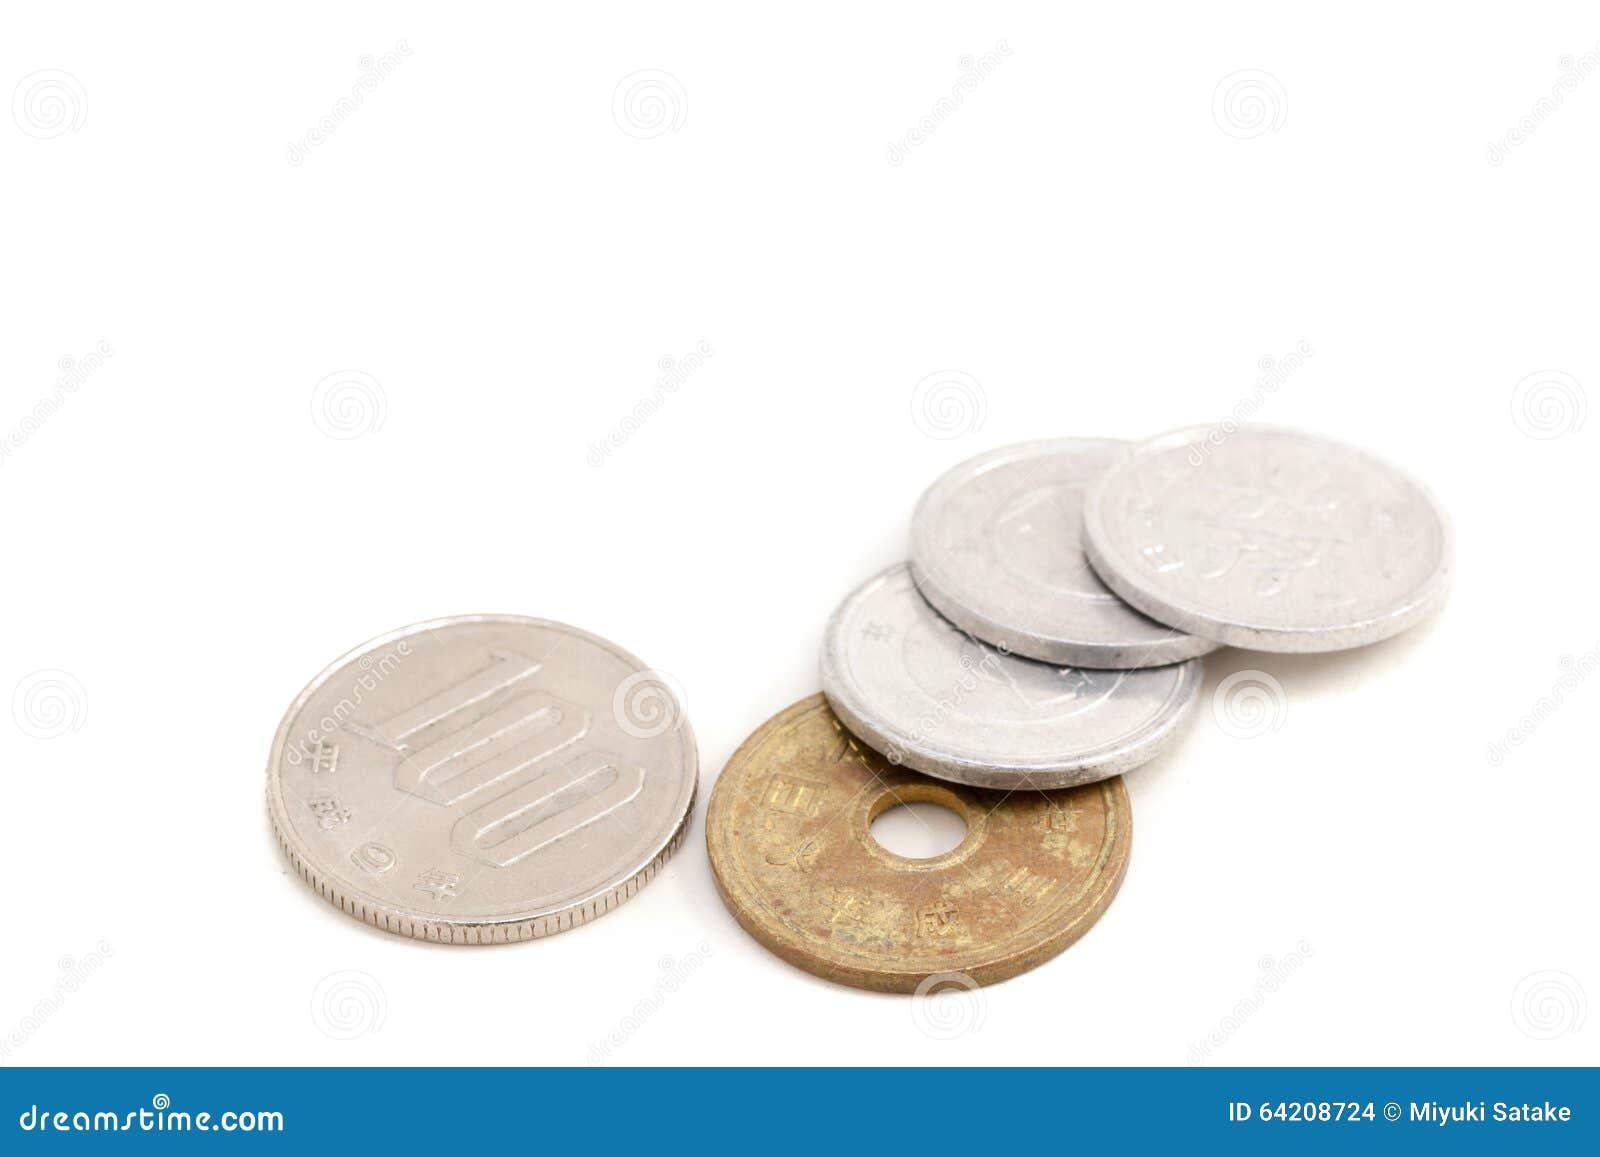 108 yenes, imposición fiscal del 8  en moneda japonesa